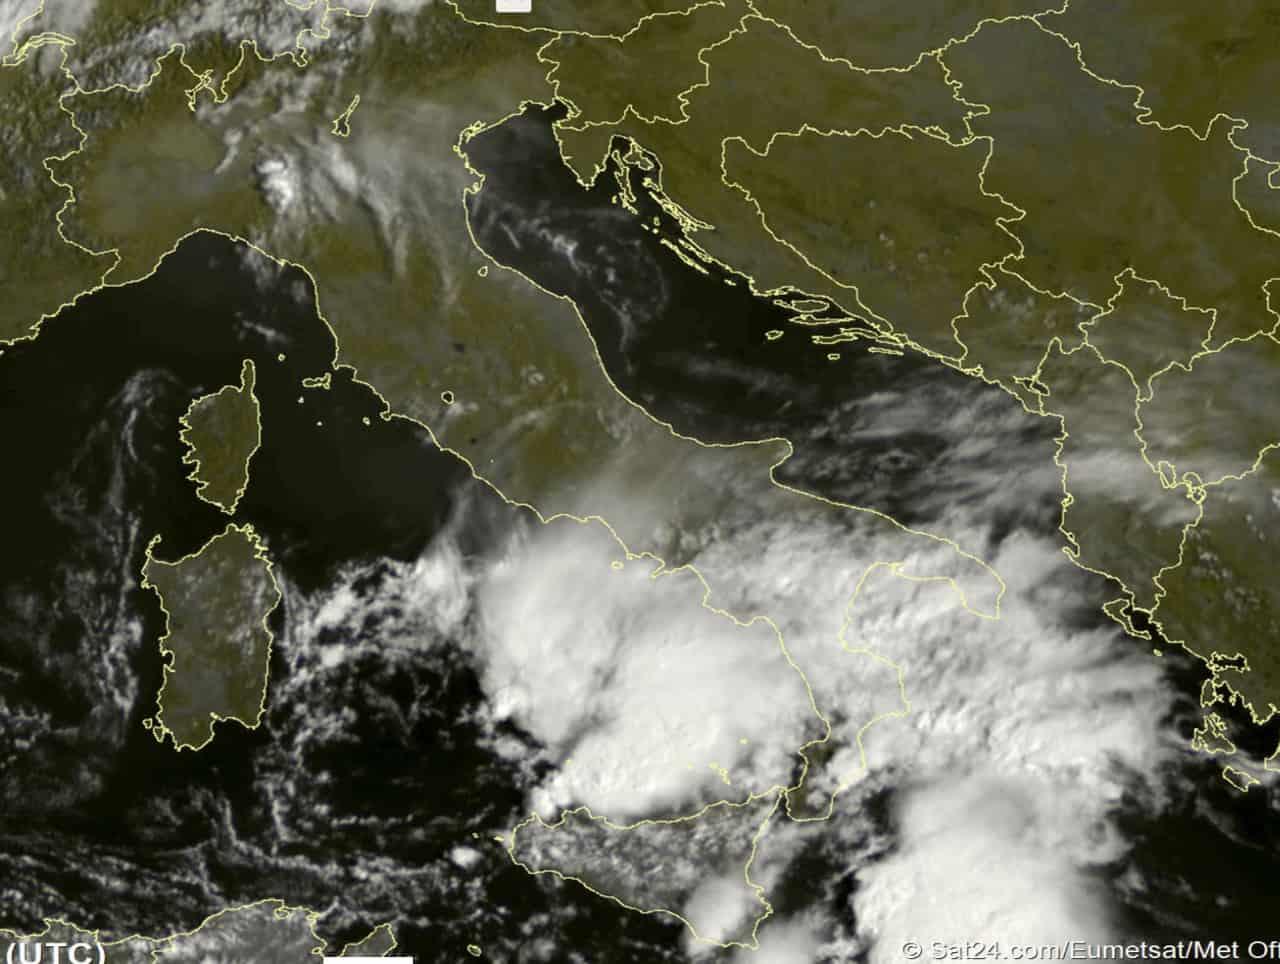 2021 09 11 11 49 38 - Meteo Italia con il cielo che ribolle di nubi pronte a scatenare forti temporali